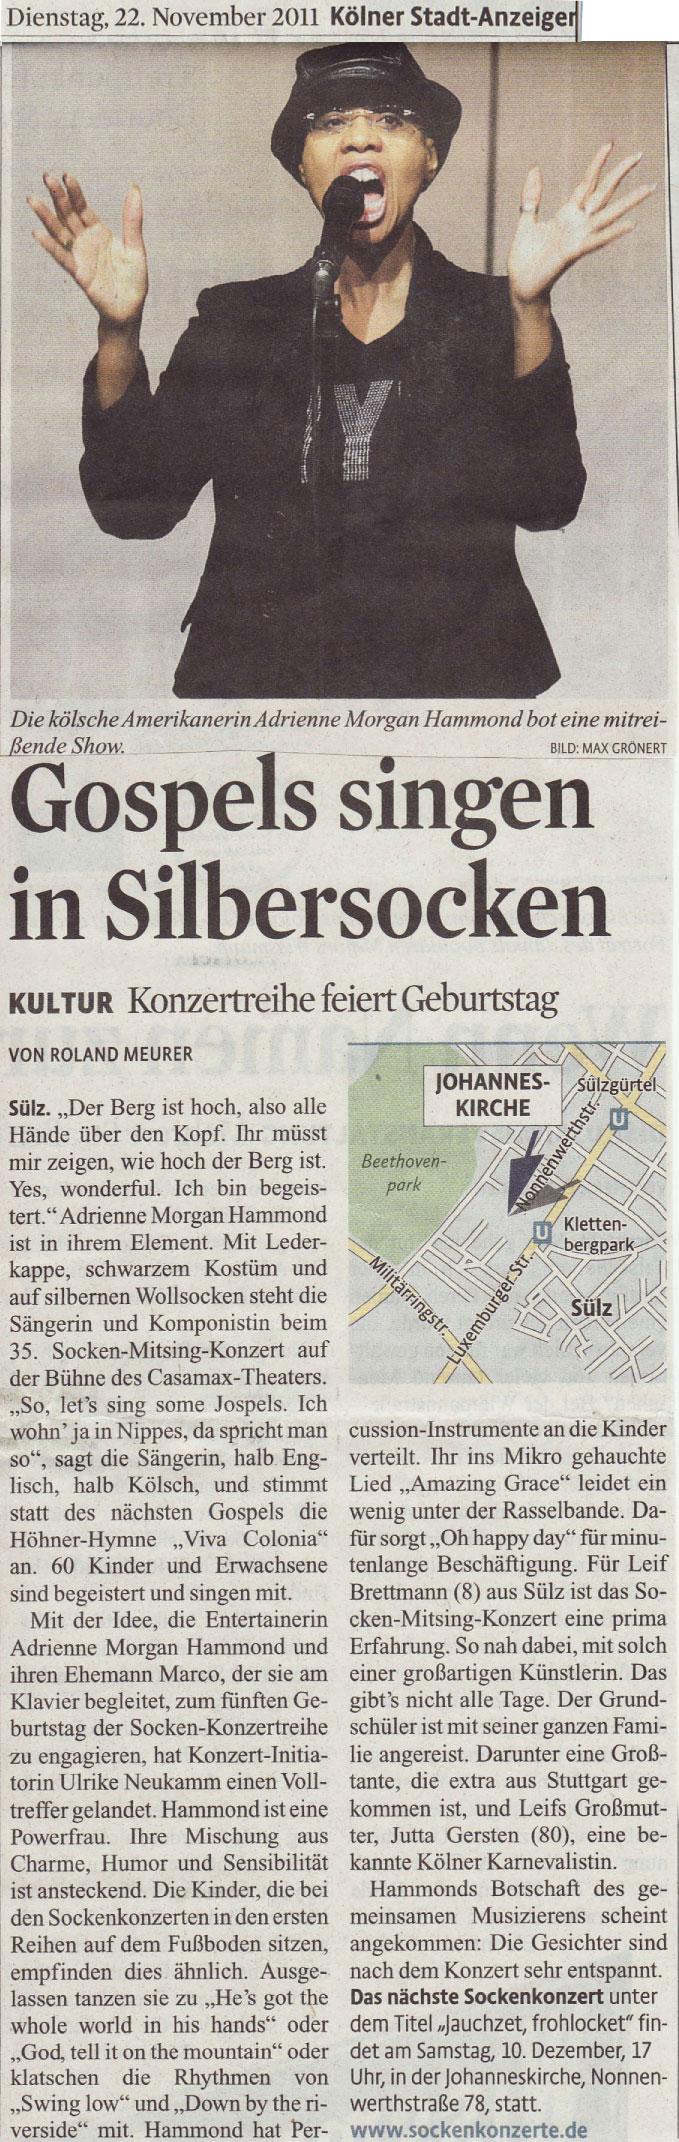 gospelssingeninsilbersocken_1.jpg